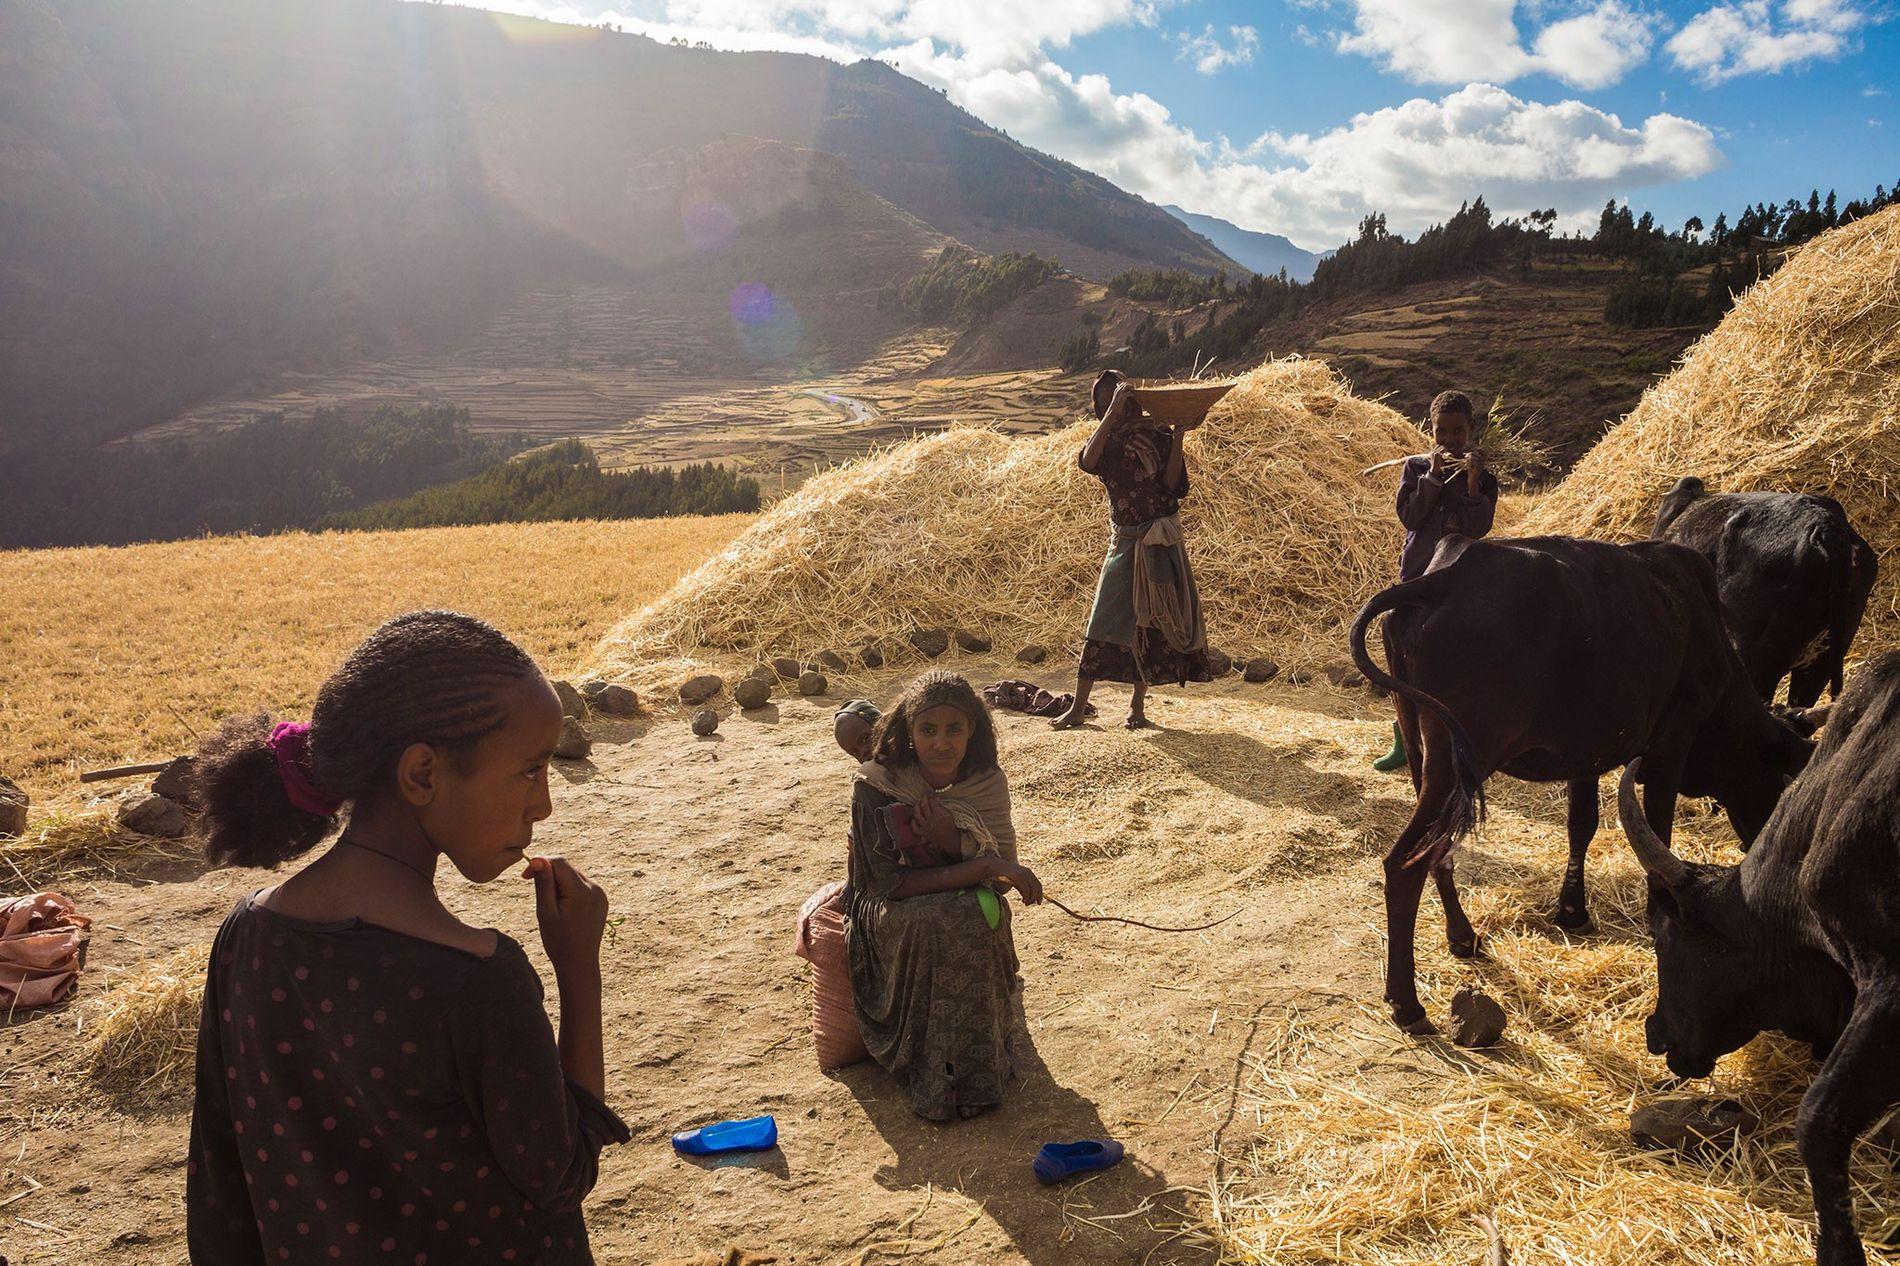 Usando herramientas manuales y animales de tiro, una familia cultiva trigo en las tierras altas de Etiopía, propensas a la hambruna.